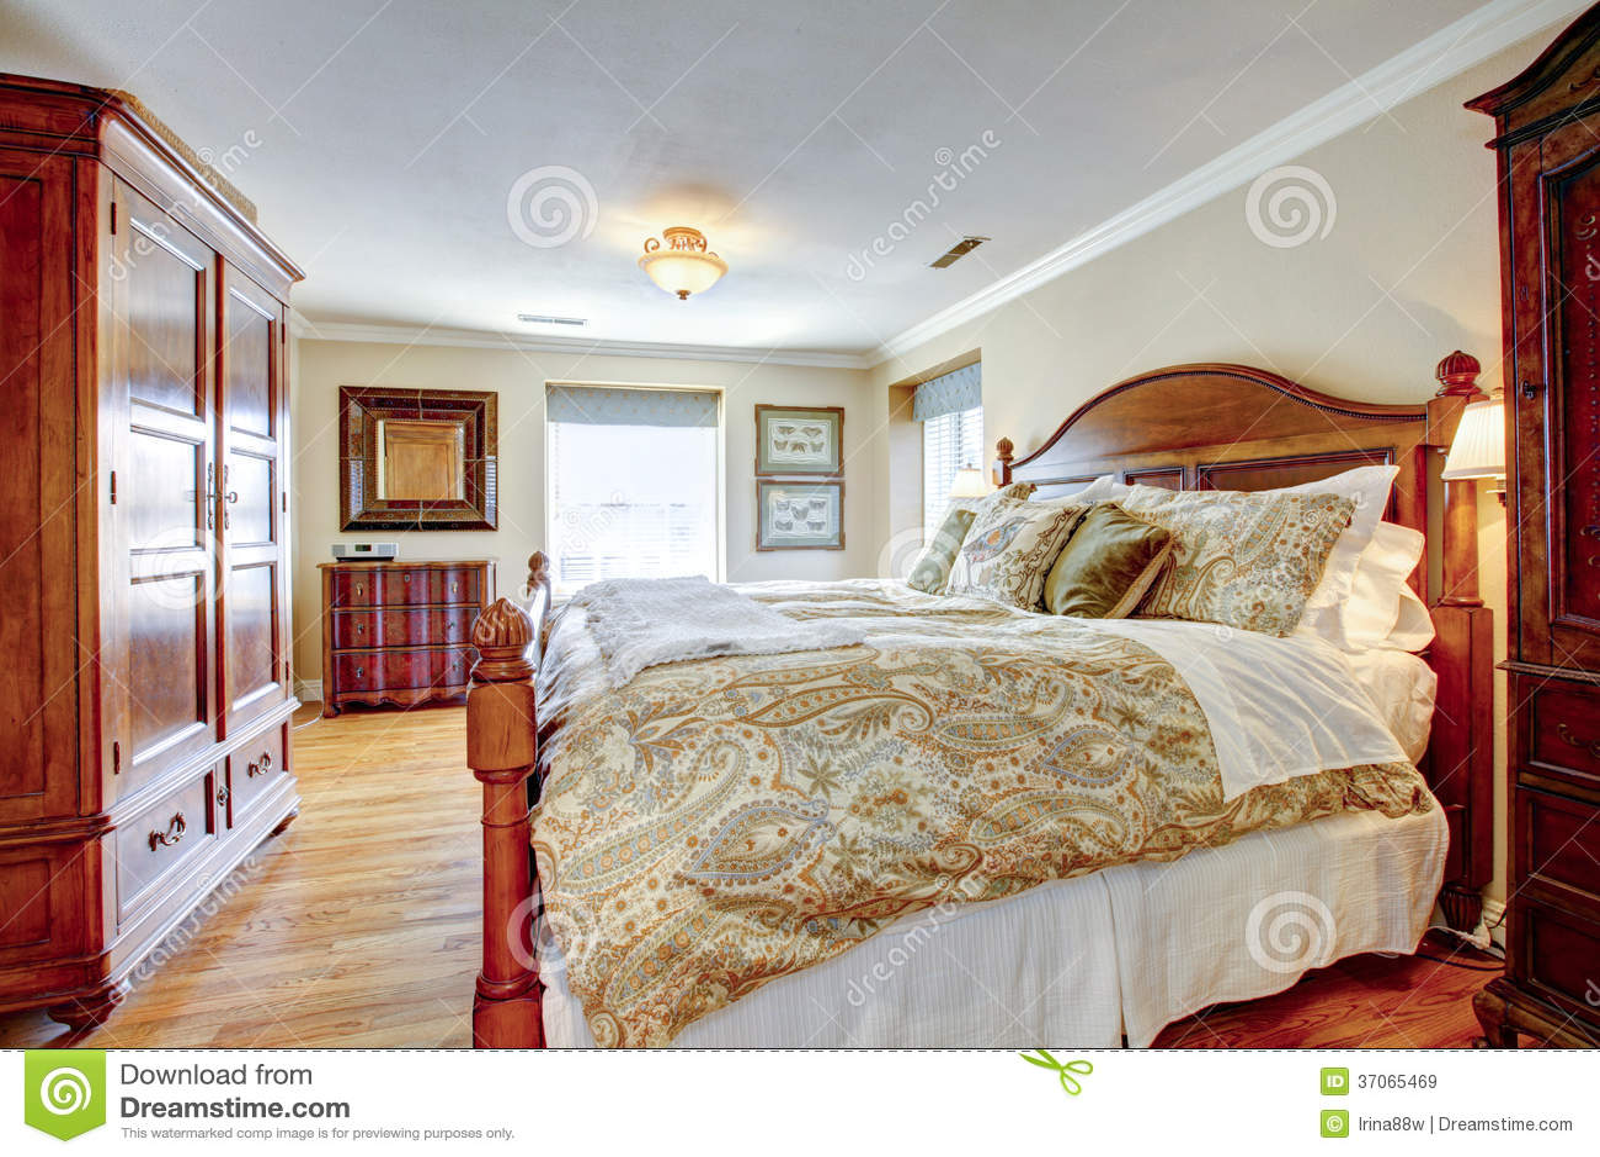 Grande camera da letto ammobiliata rustica immagini stock libere da diritti immagine 37065469 - Camera da letto grande ...